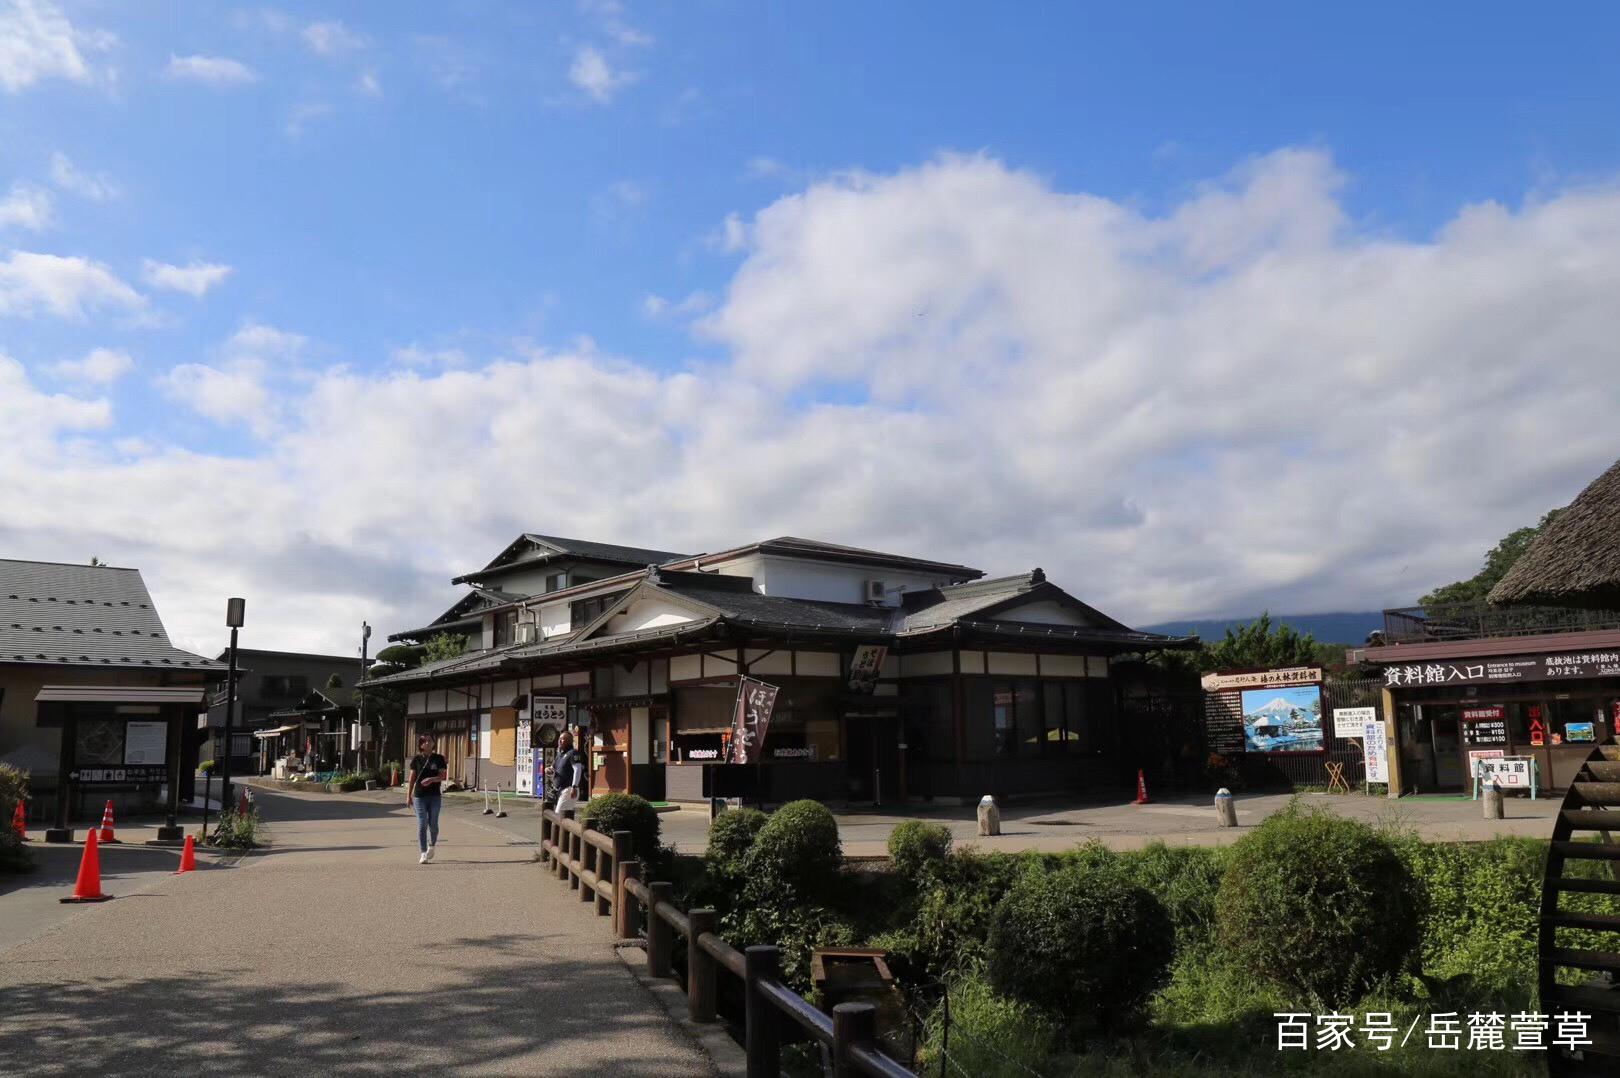 日本忍野村景色之美让人流连忘返,这群长沙人第二天又驱车前往